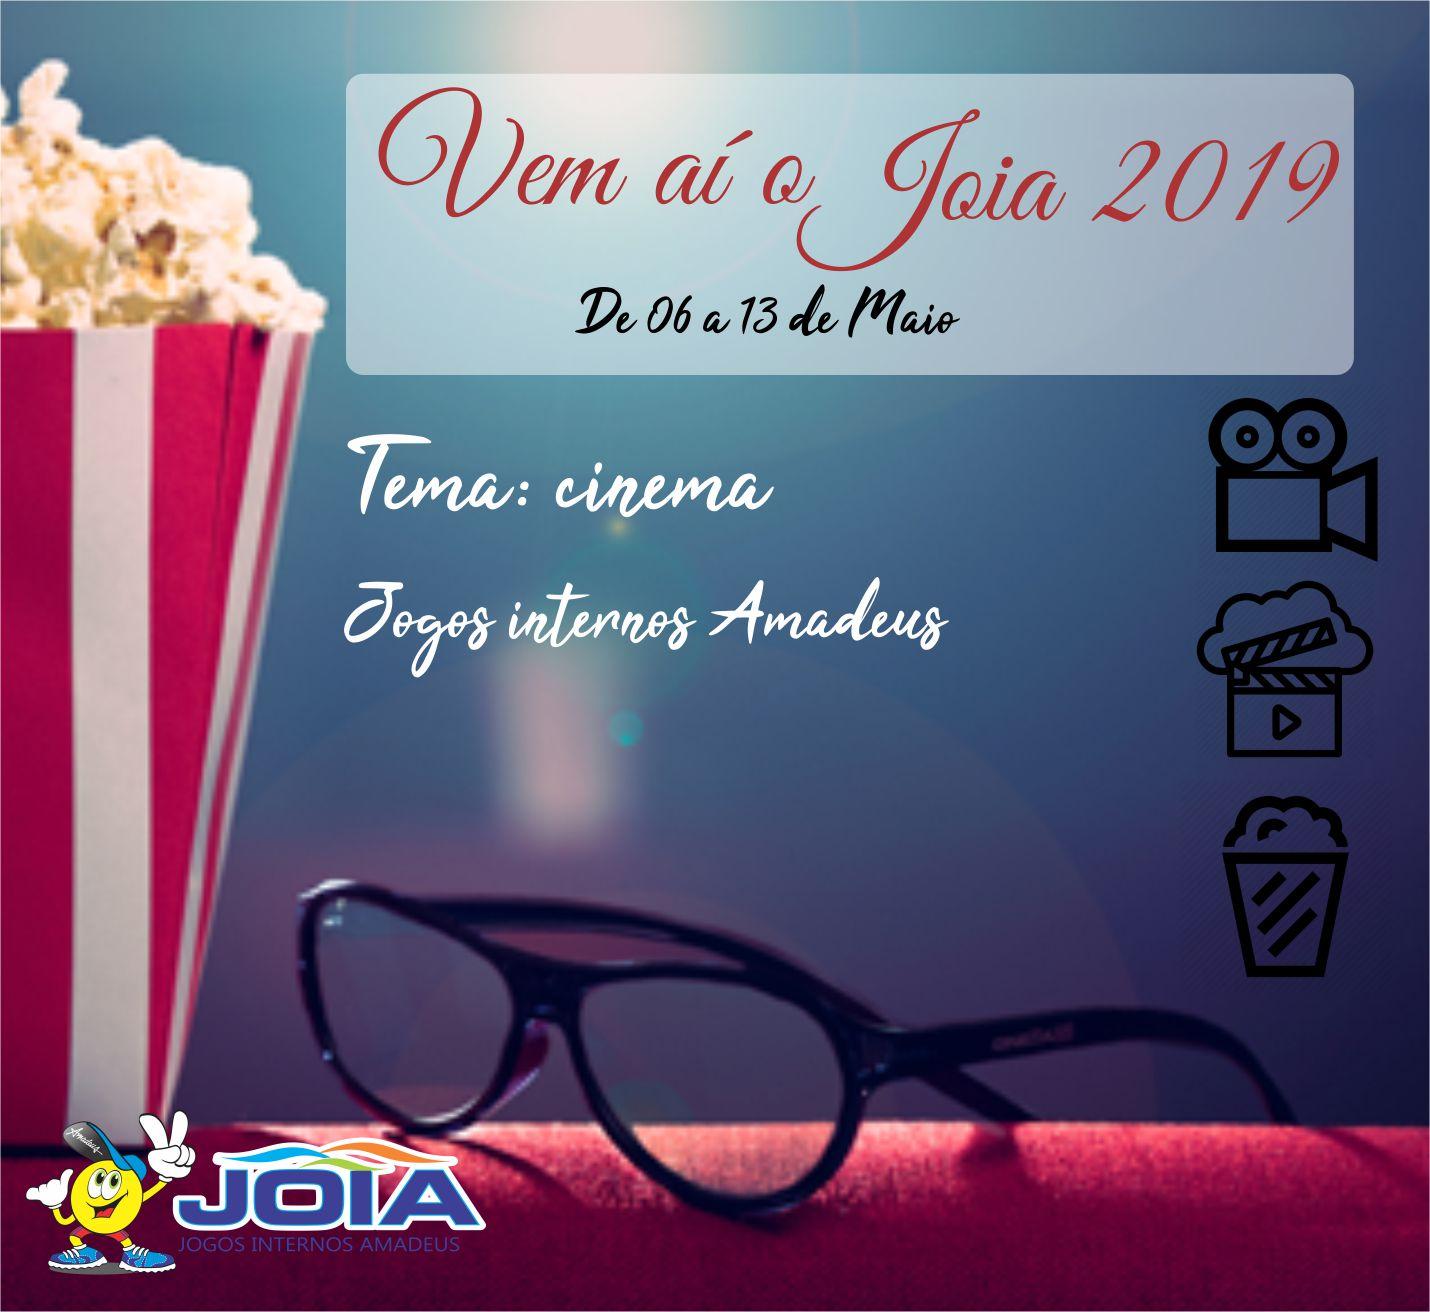 JOIA 2019 - Jogos Internos Amadeus